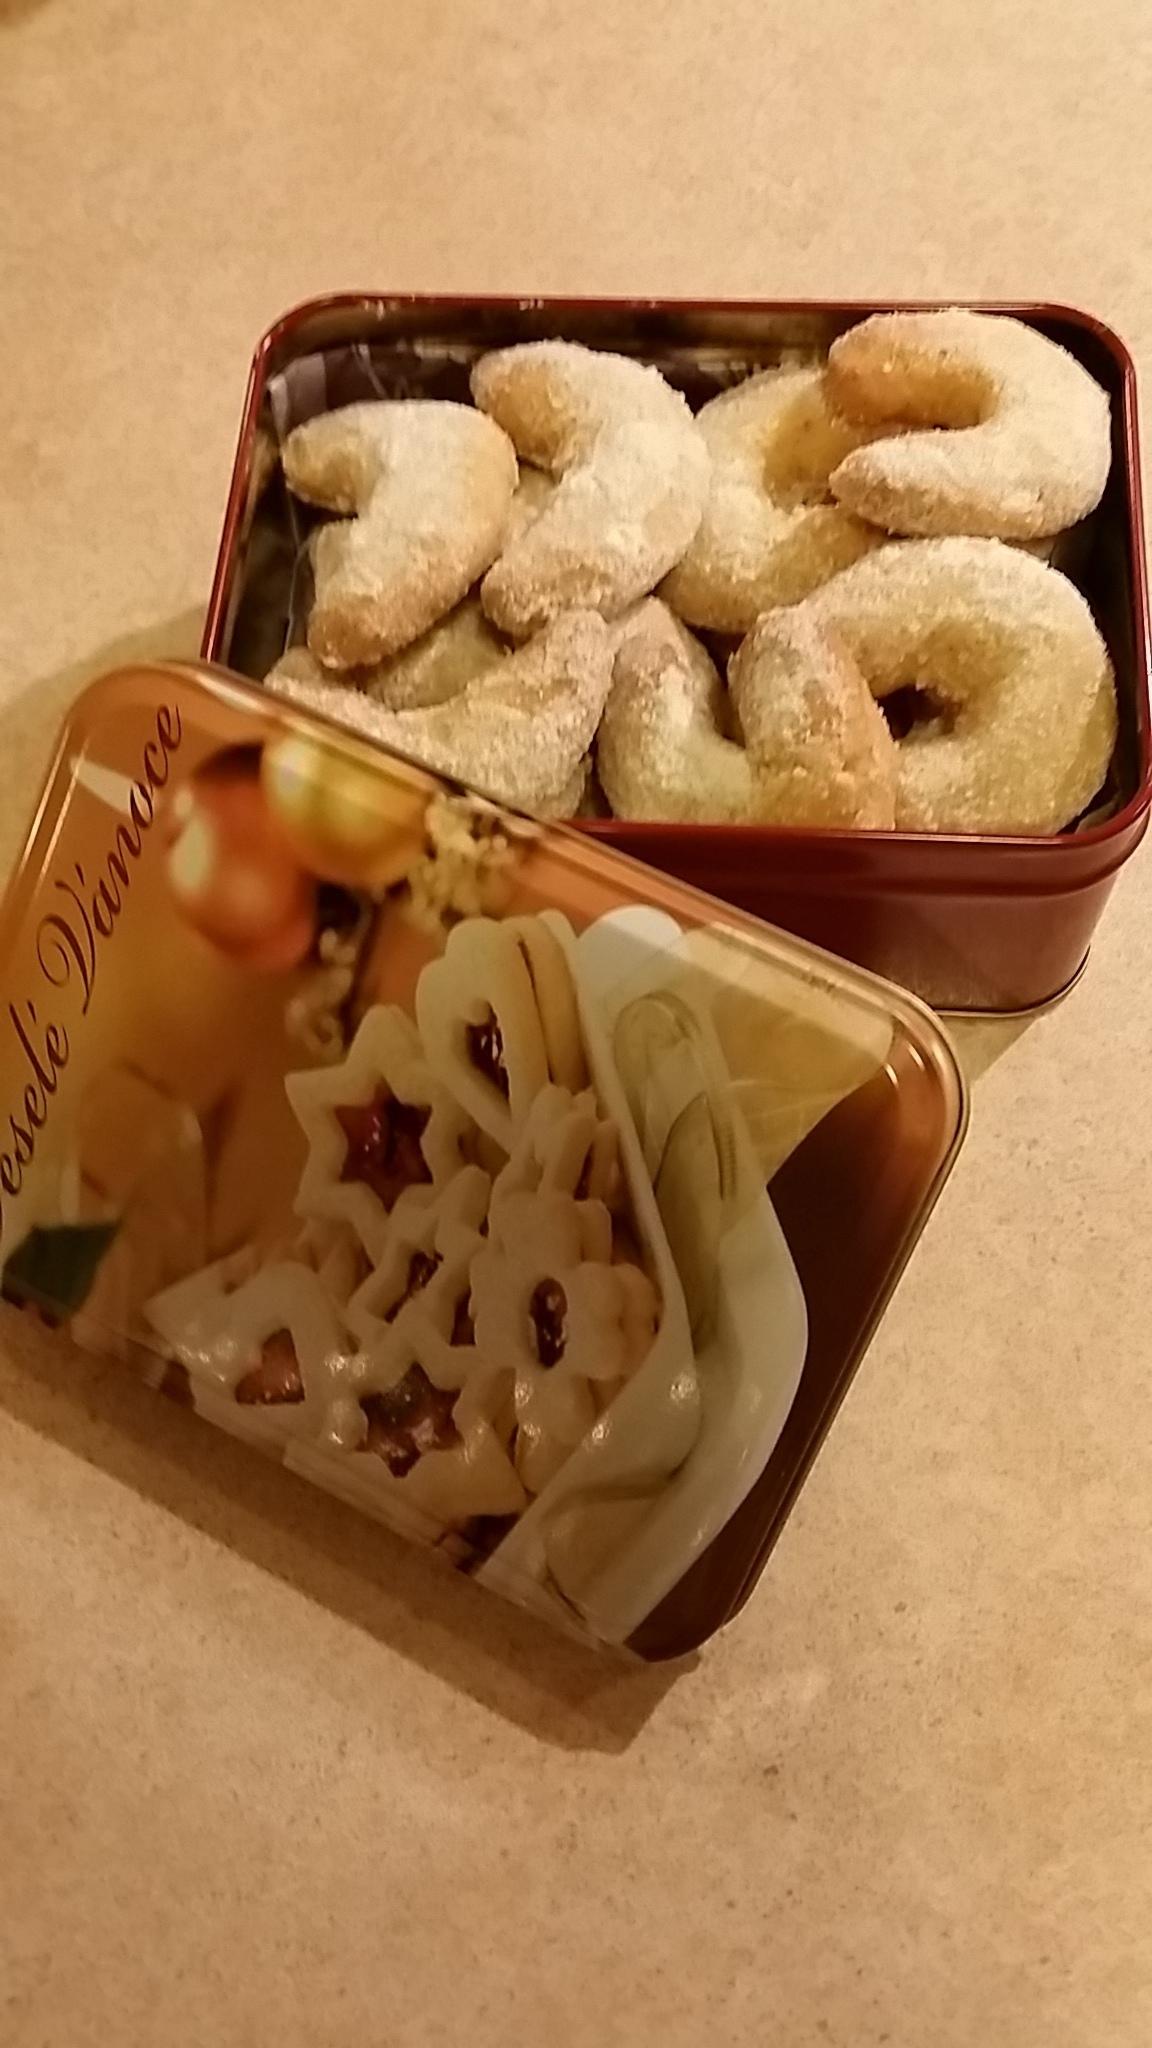 Recept Babiččiny vanilkové rohlíčky - Poloviční množství